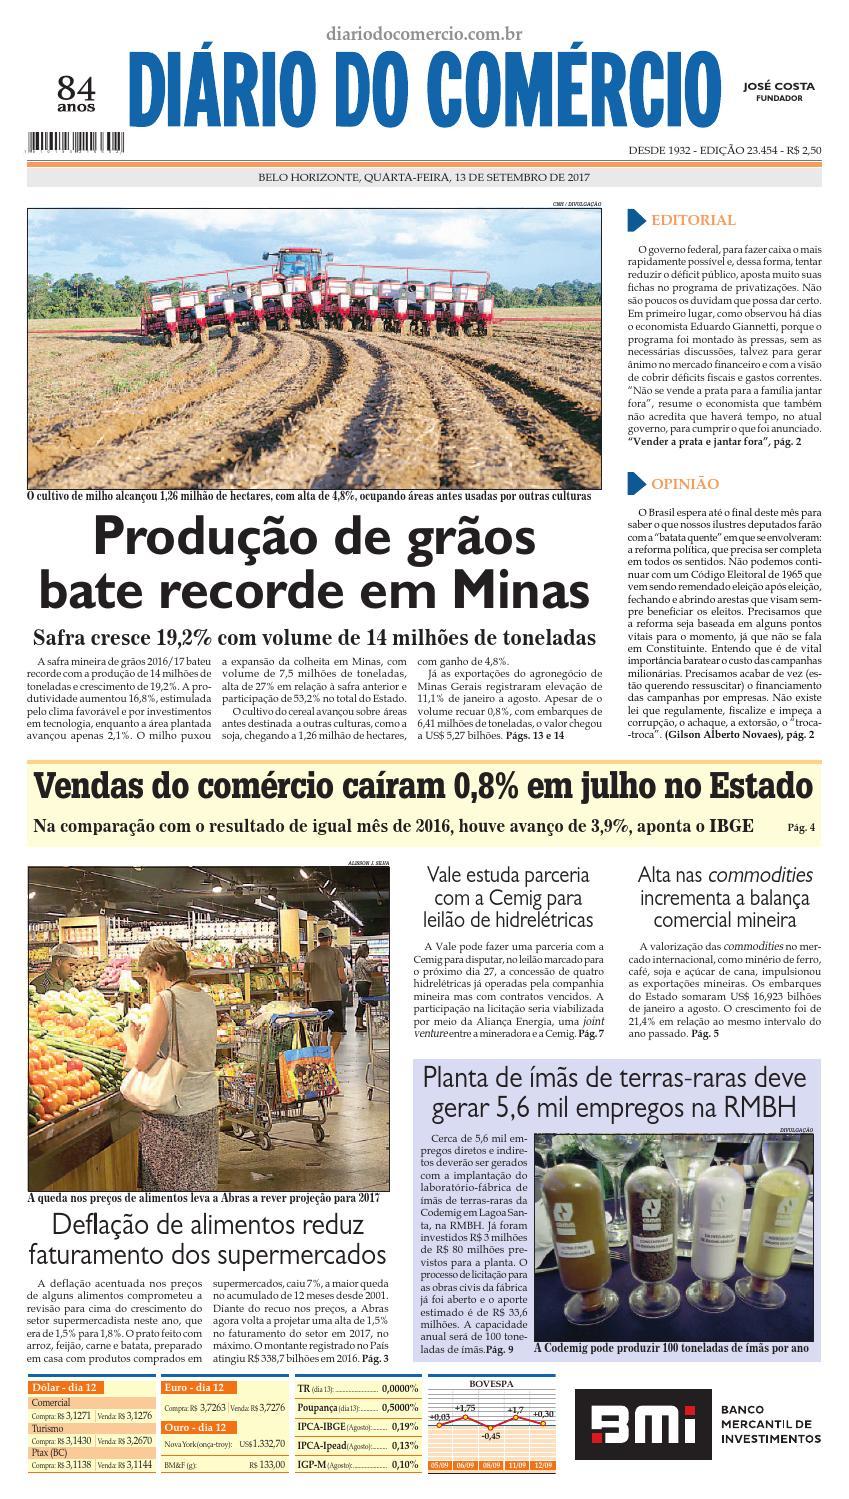 1a9552ac52 23454 by Diário do Comércio - Belo Horizonte - issuu